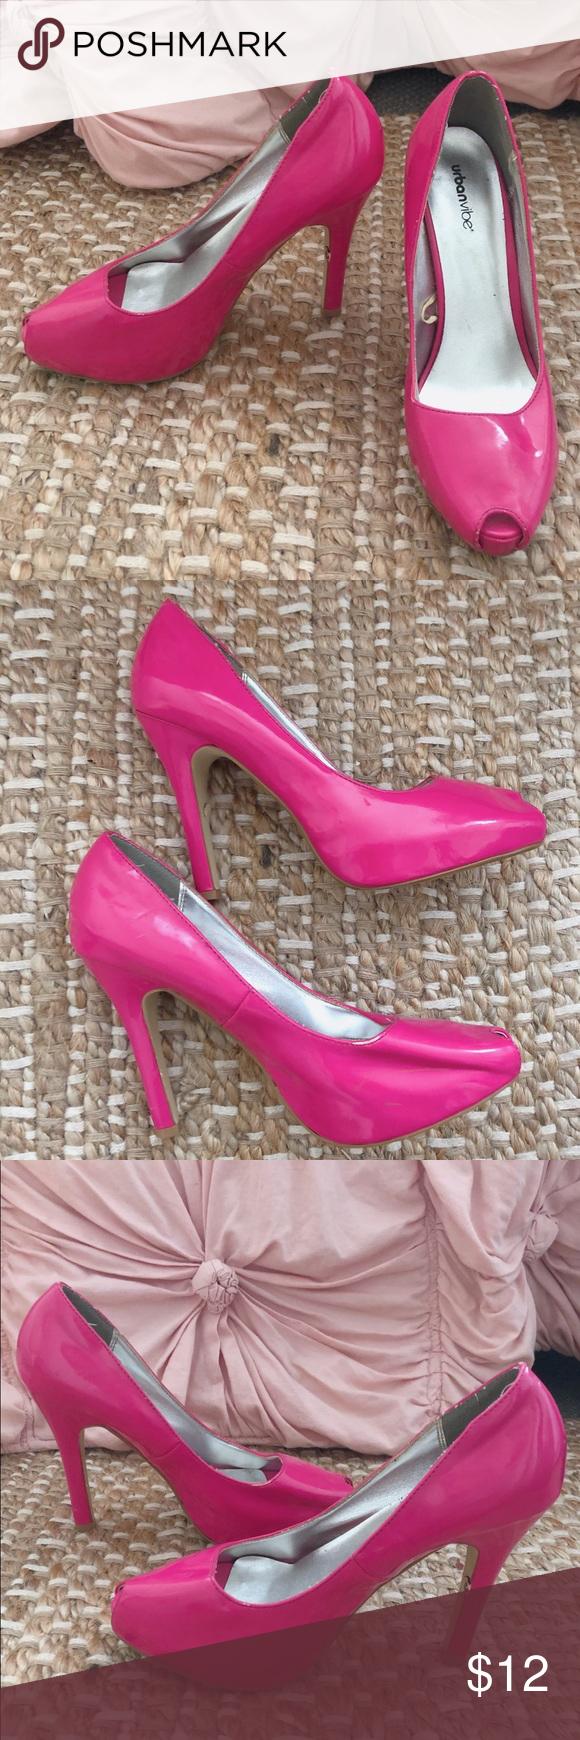 Hot pink heels | Pink heels, Hot pink